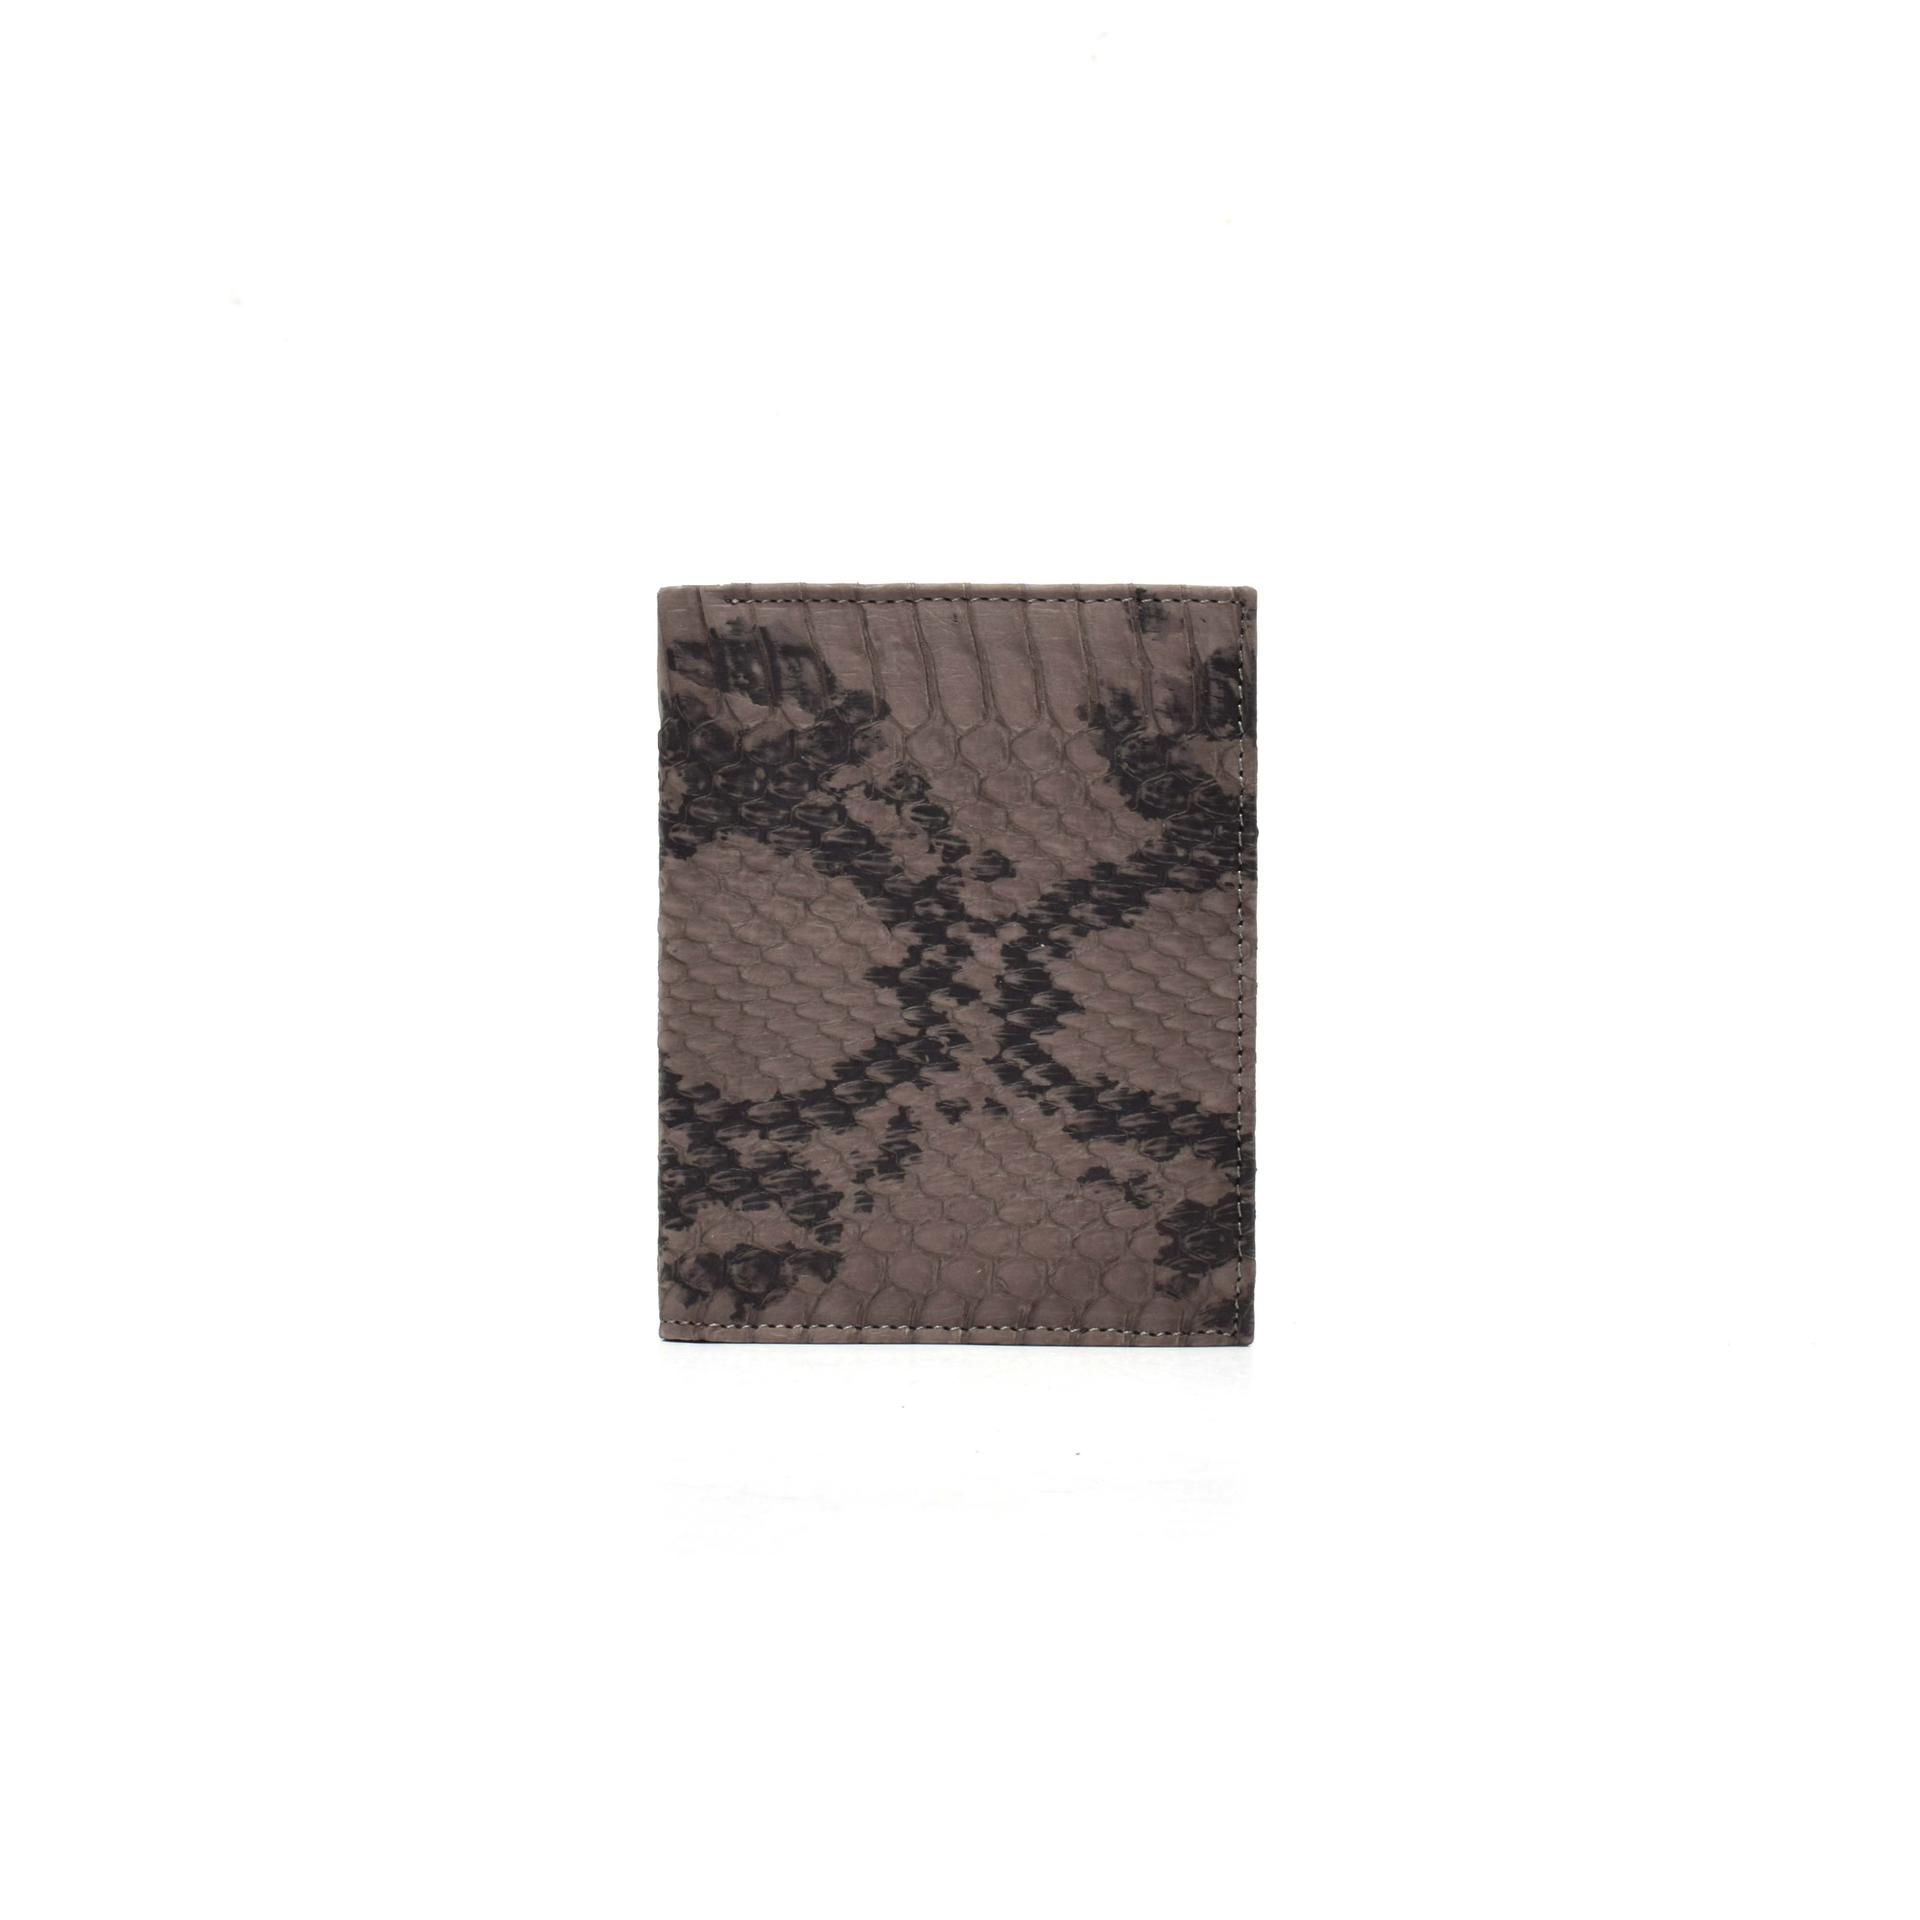 Leather bill folder mini women's wallet python wallet in leather